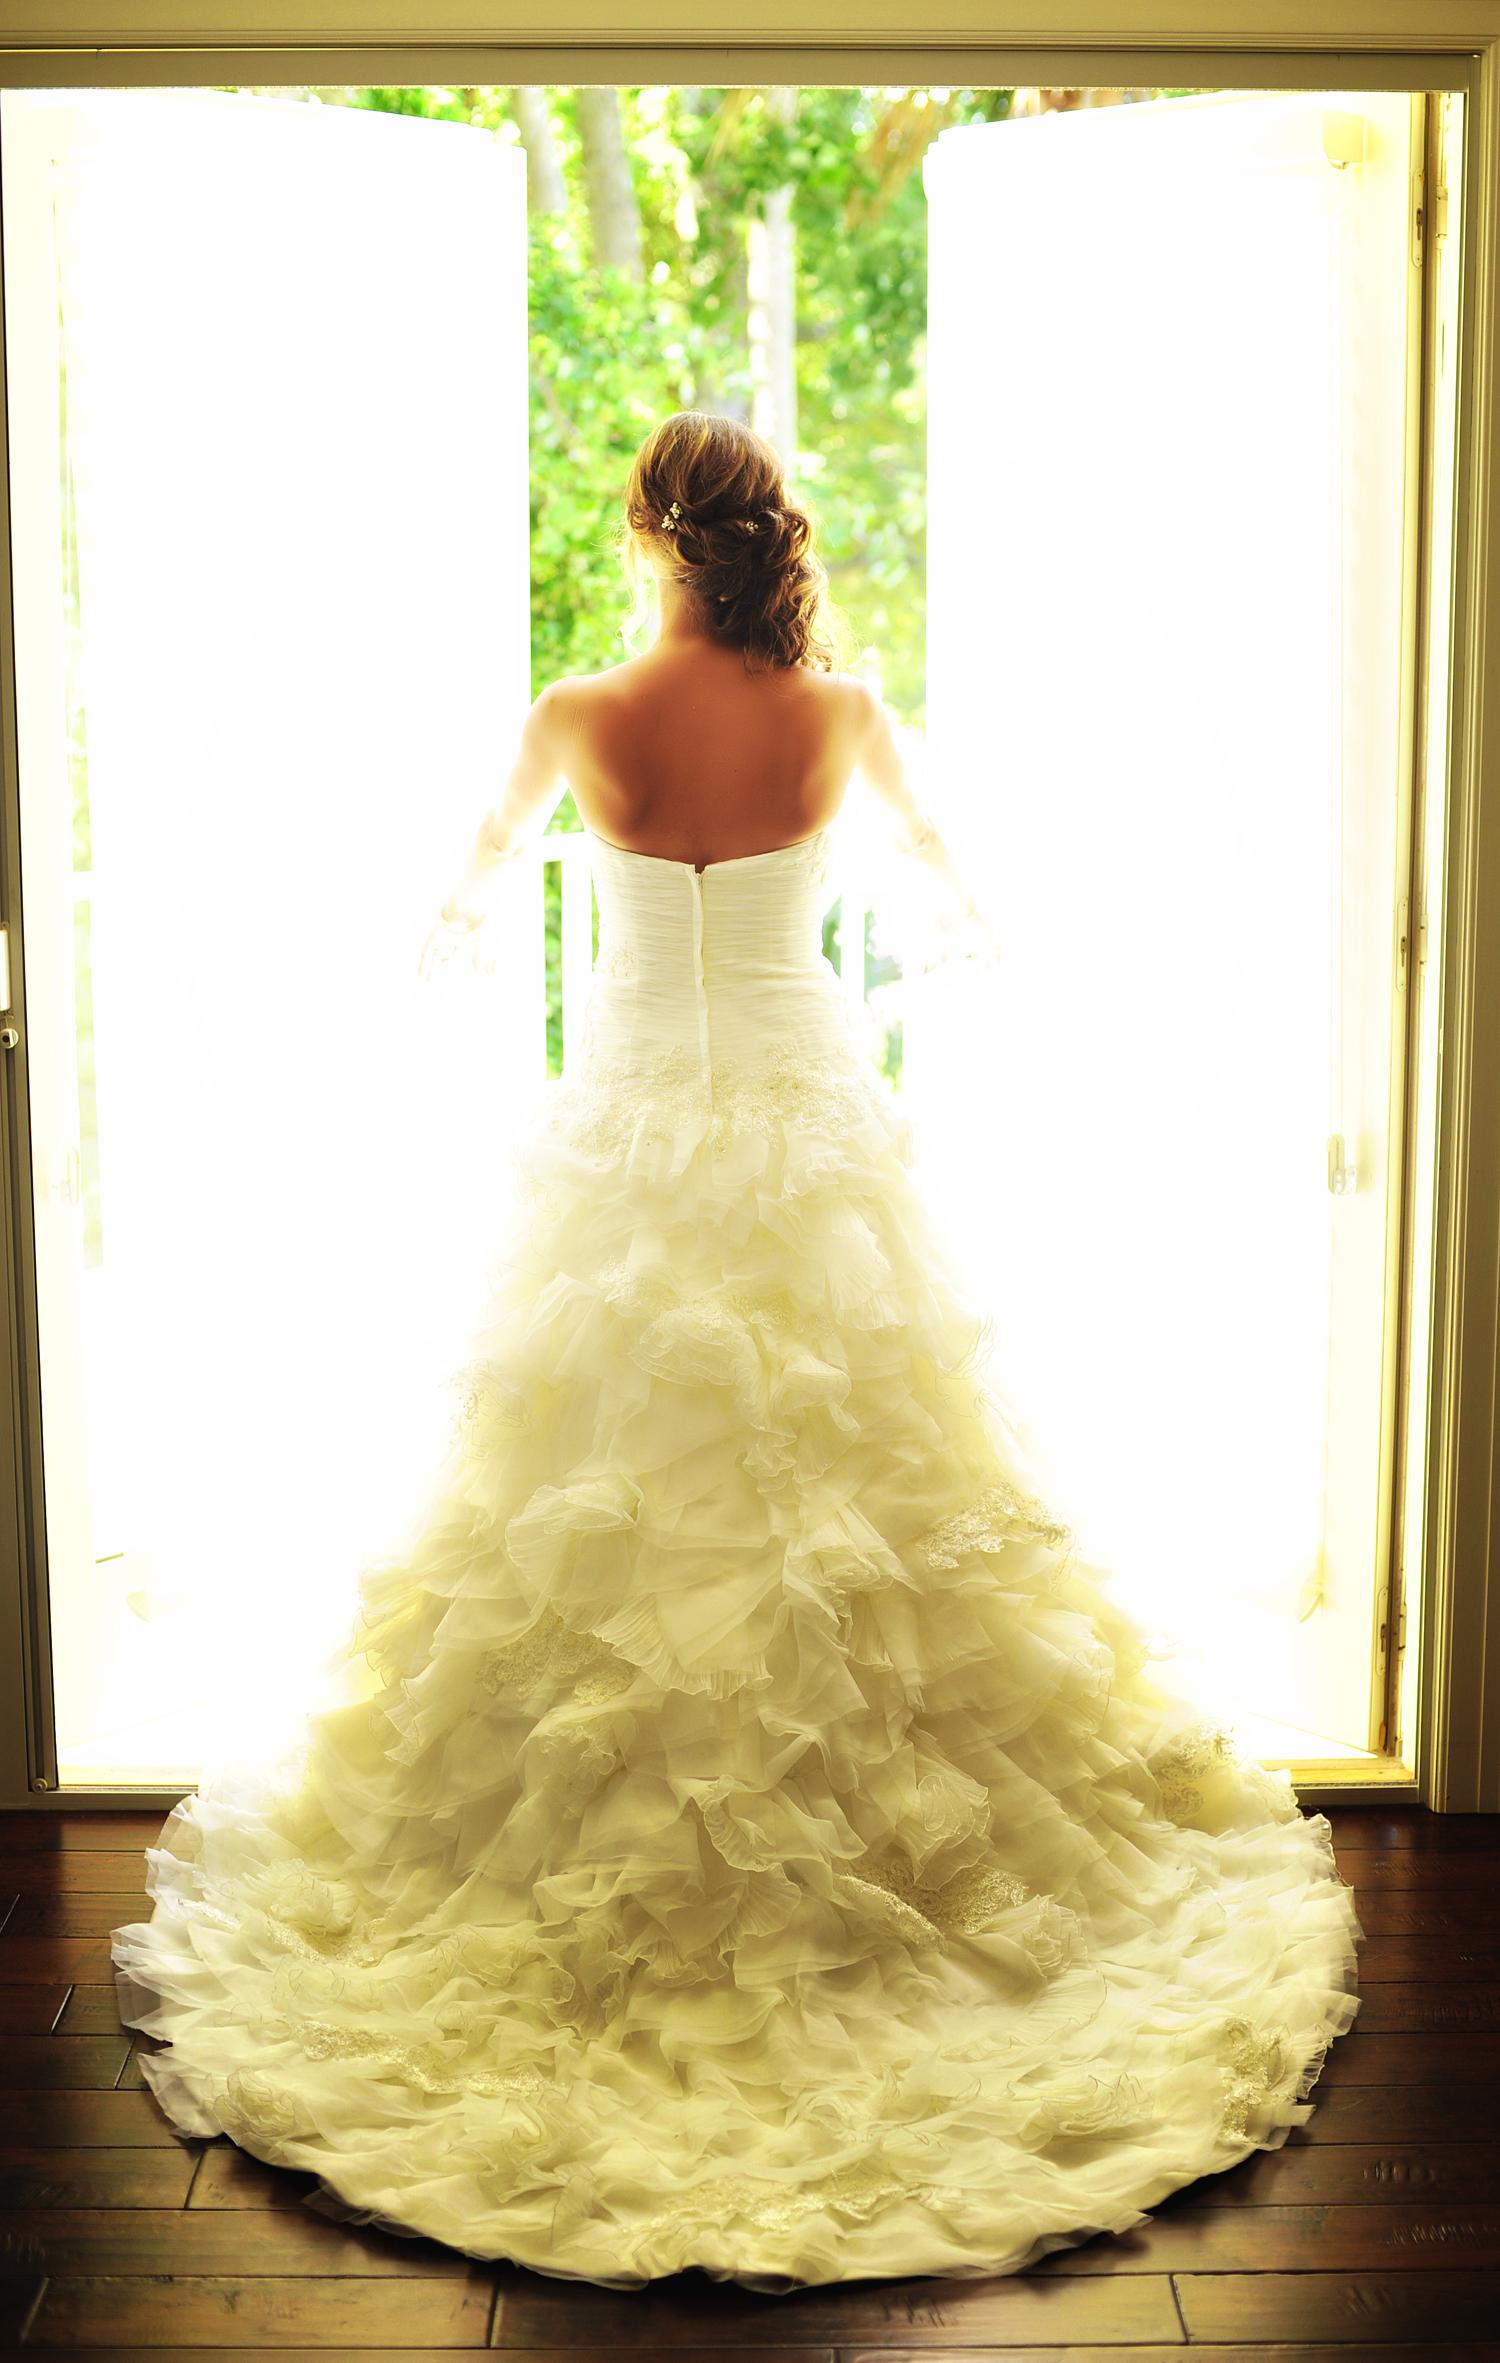 Weddings_ajneste_0035.JPG